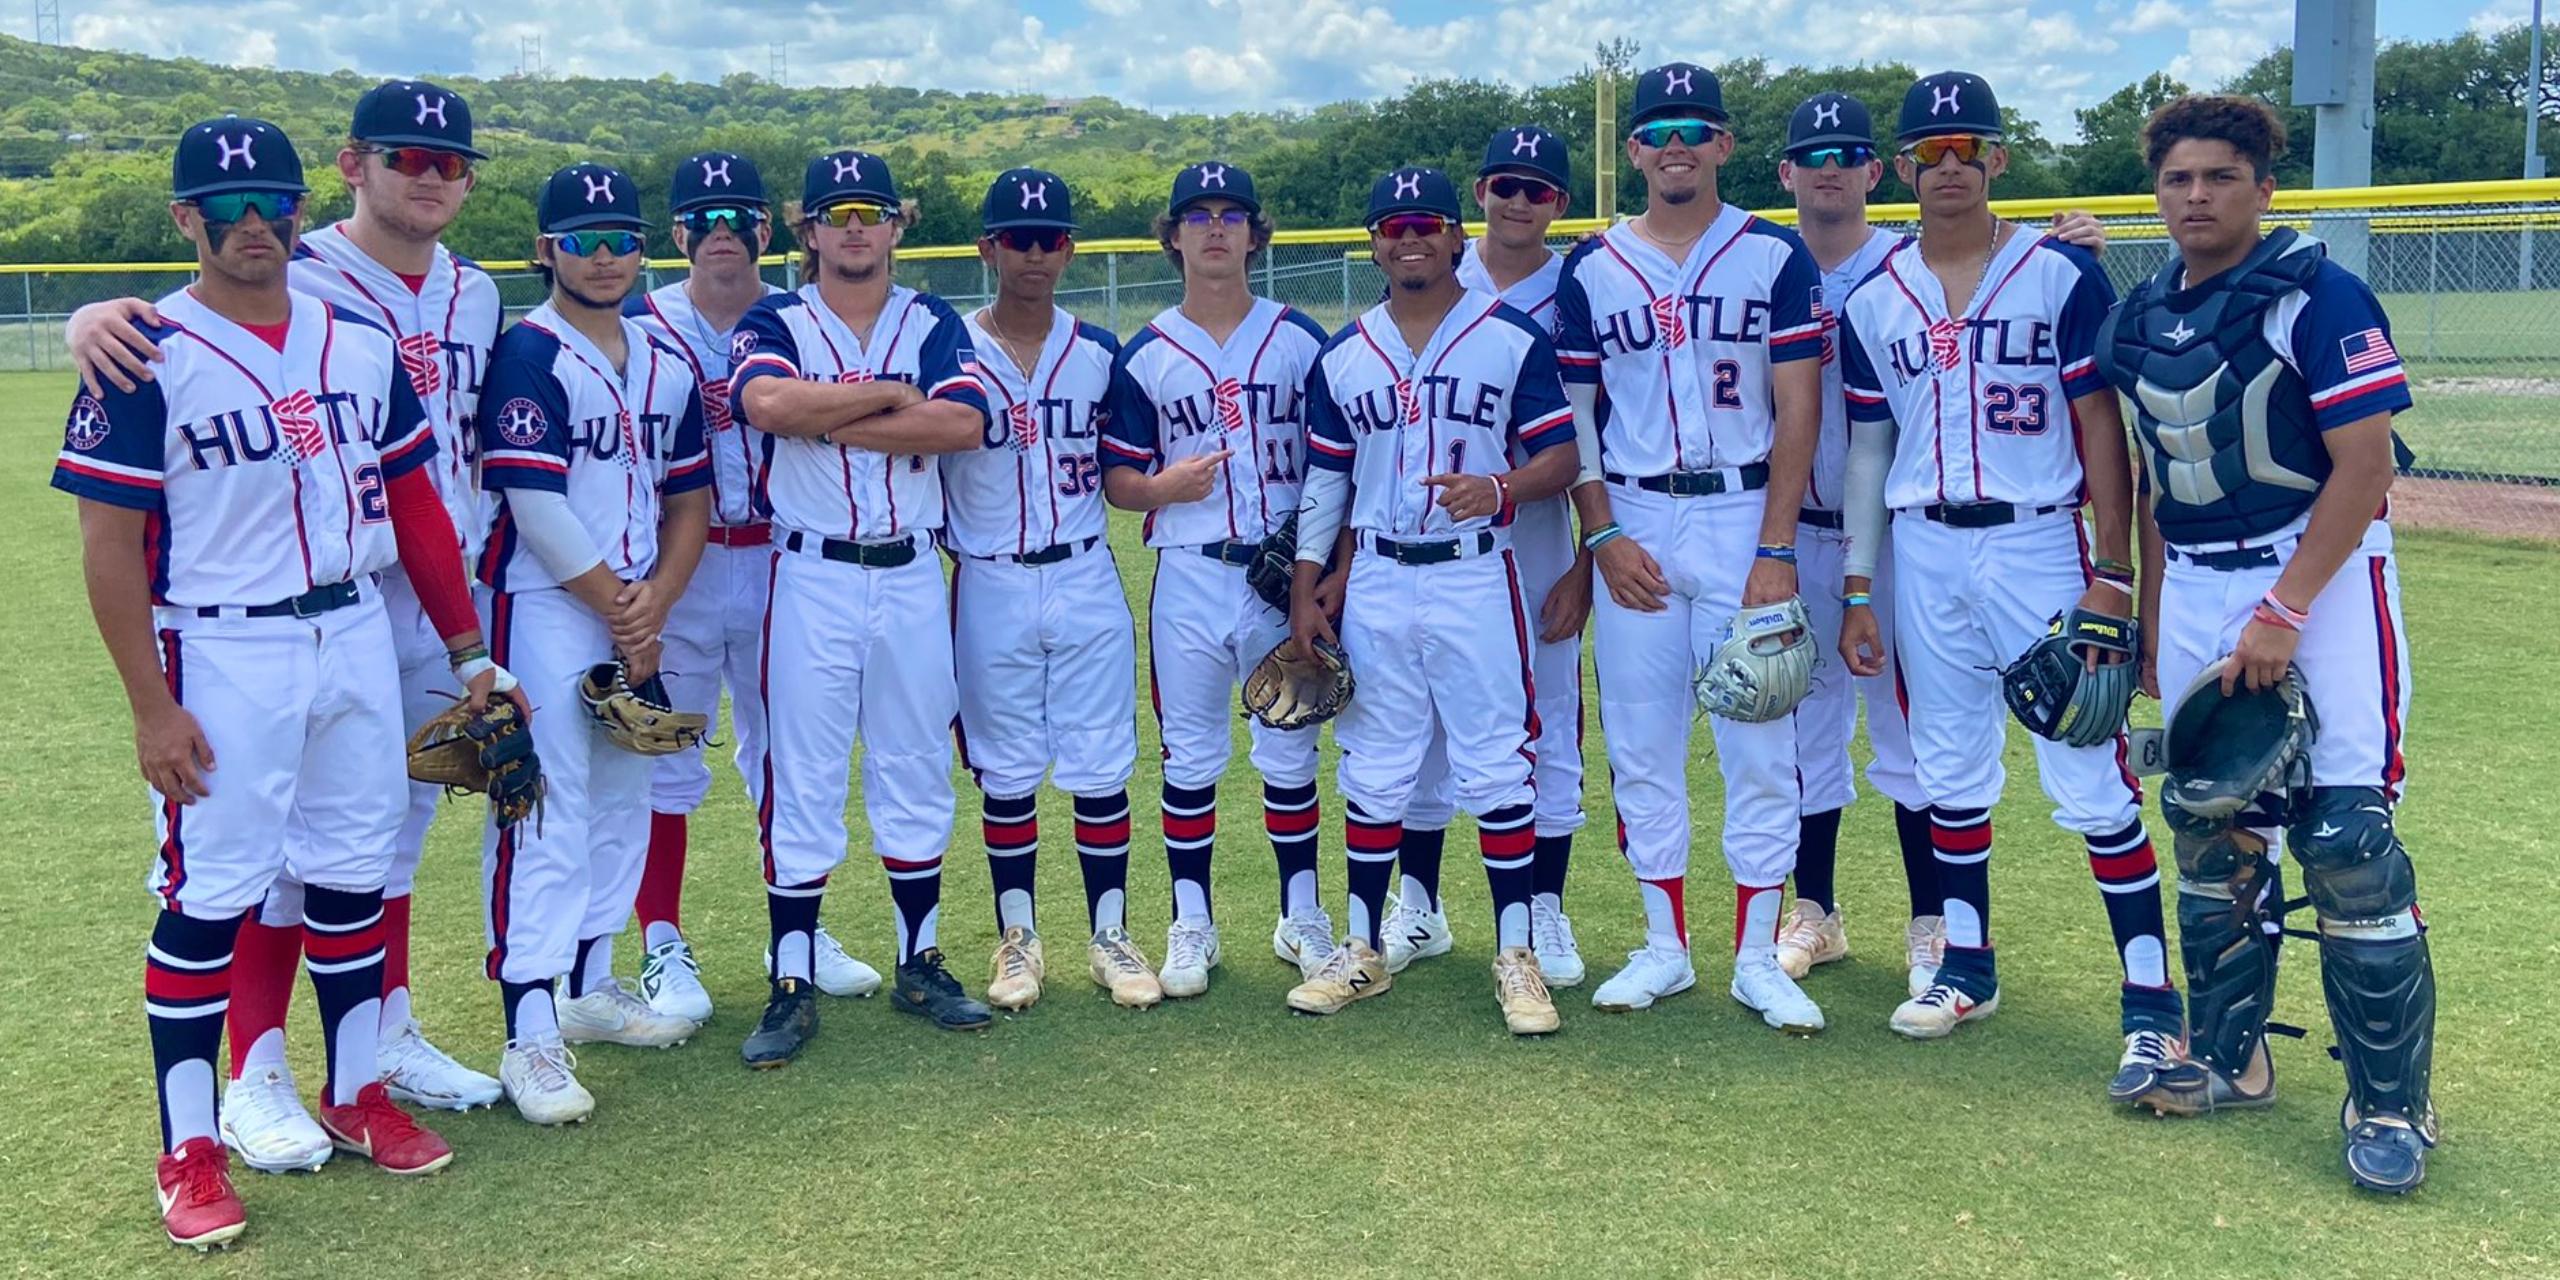 Hustle Baseball Texas